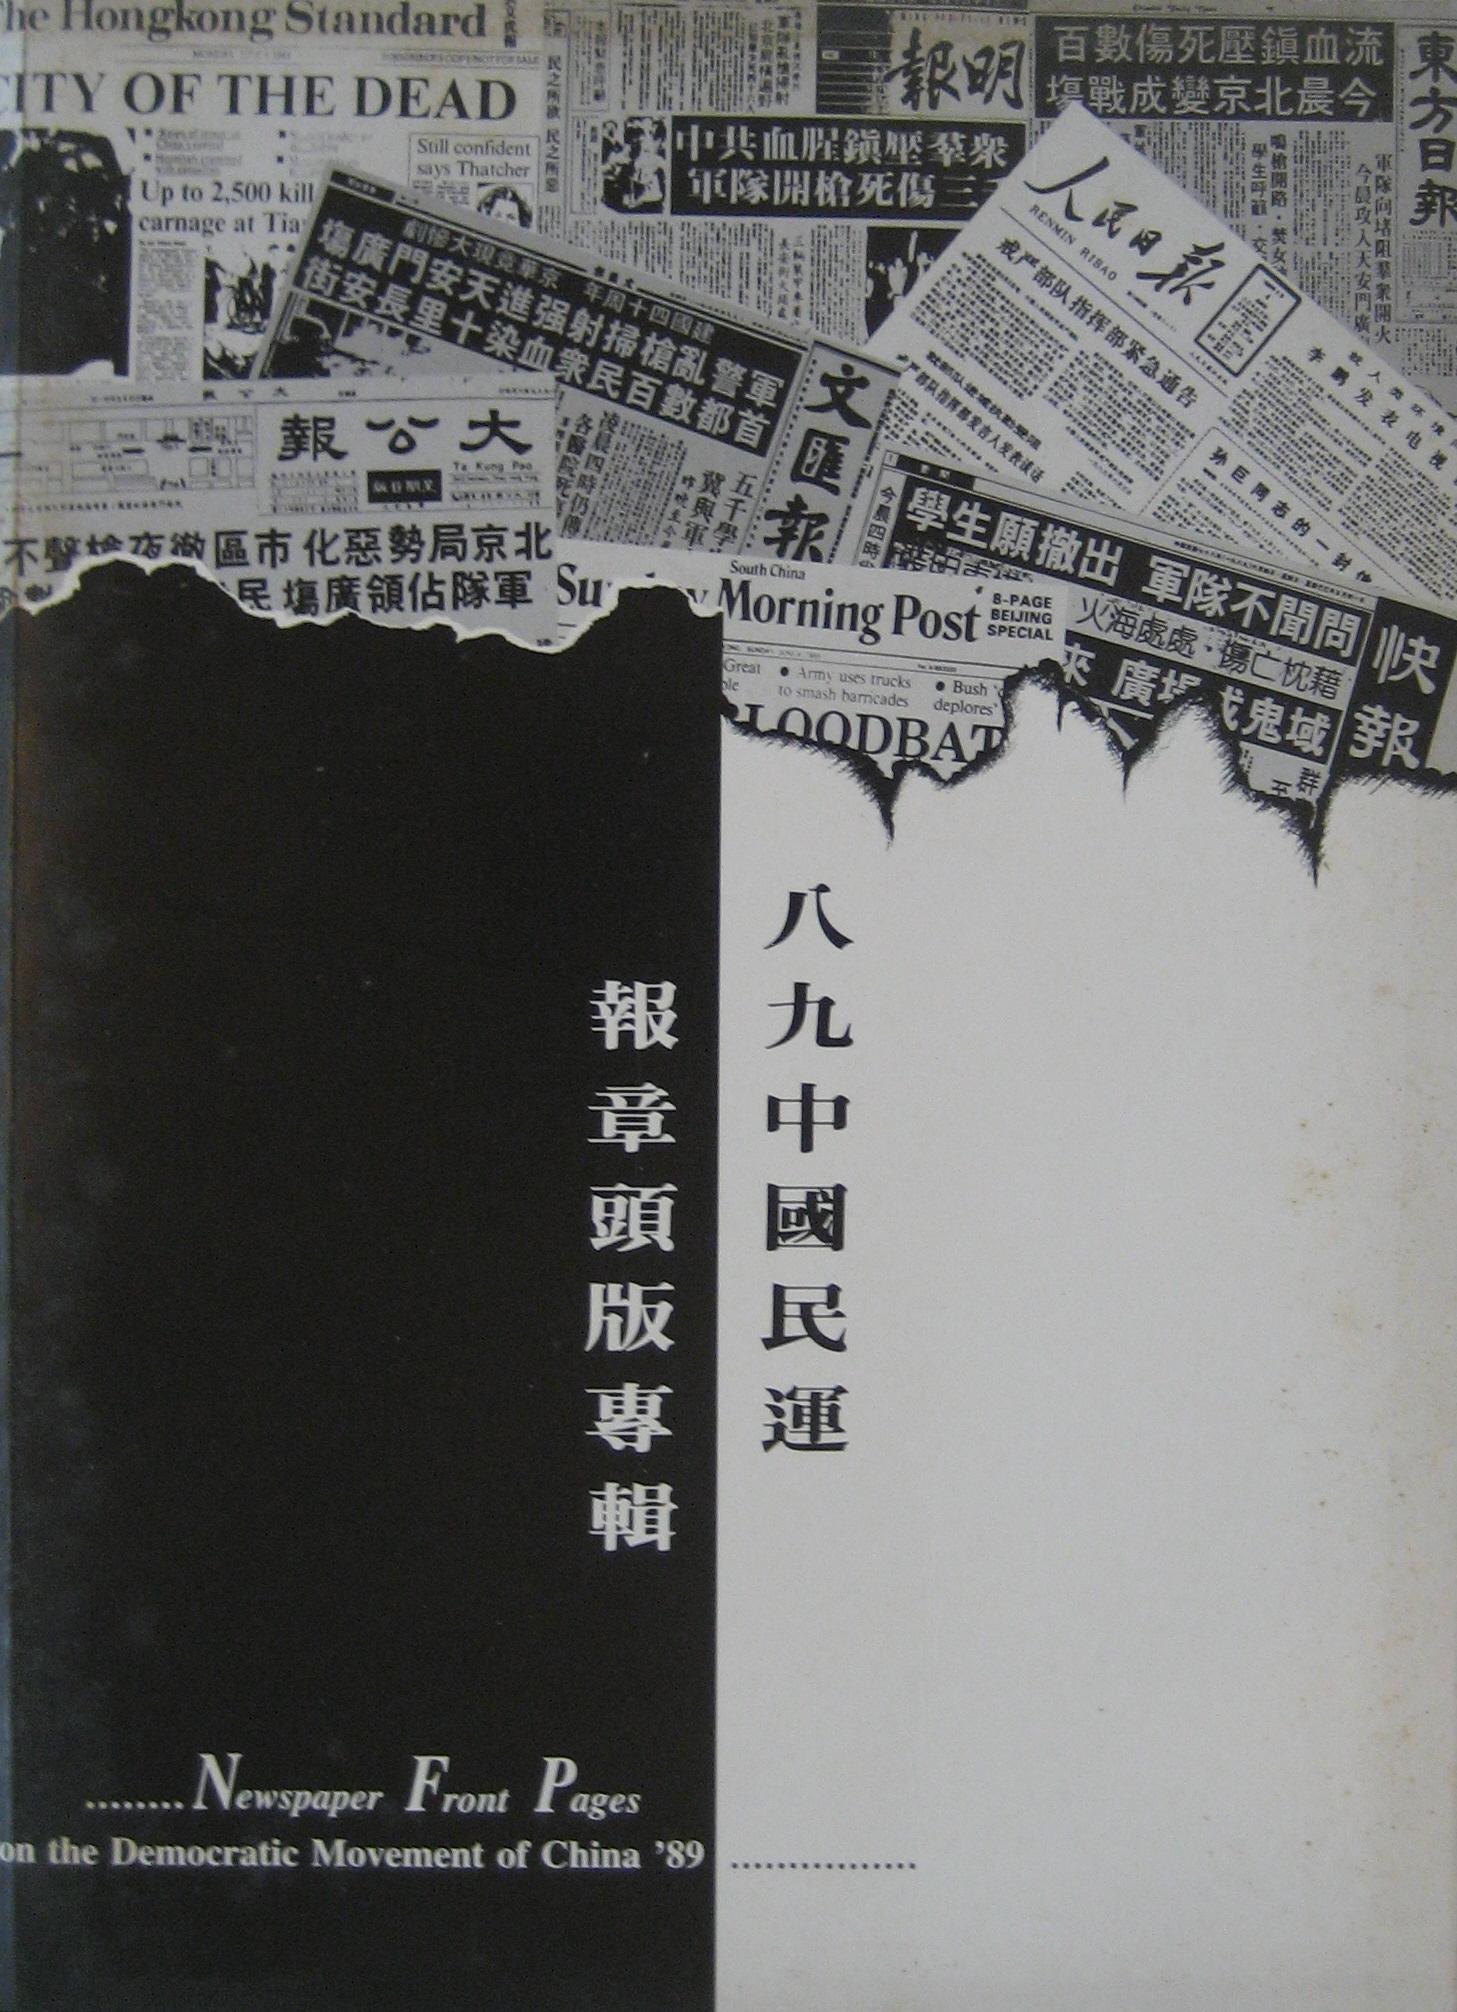 八九中國民運報章頭版專輯